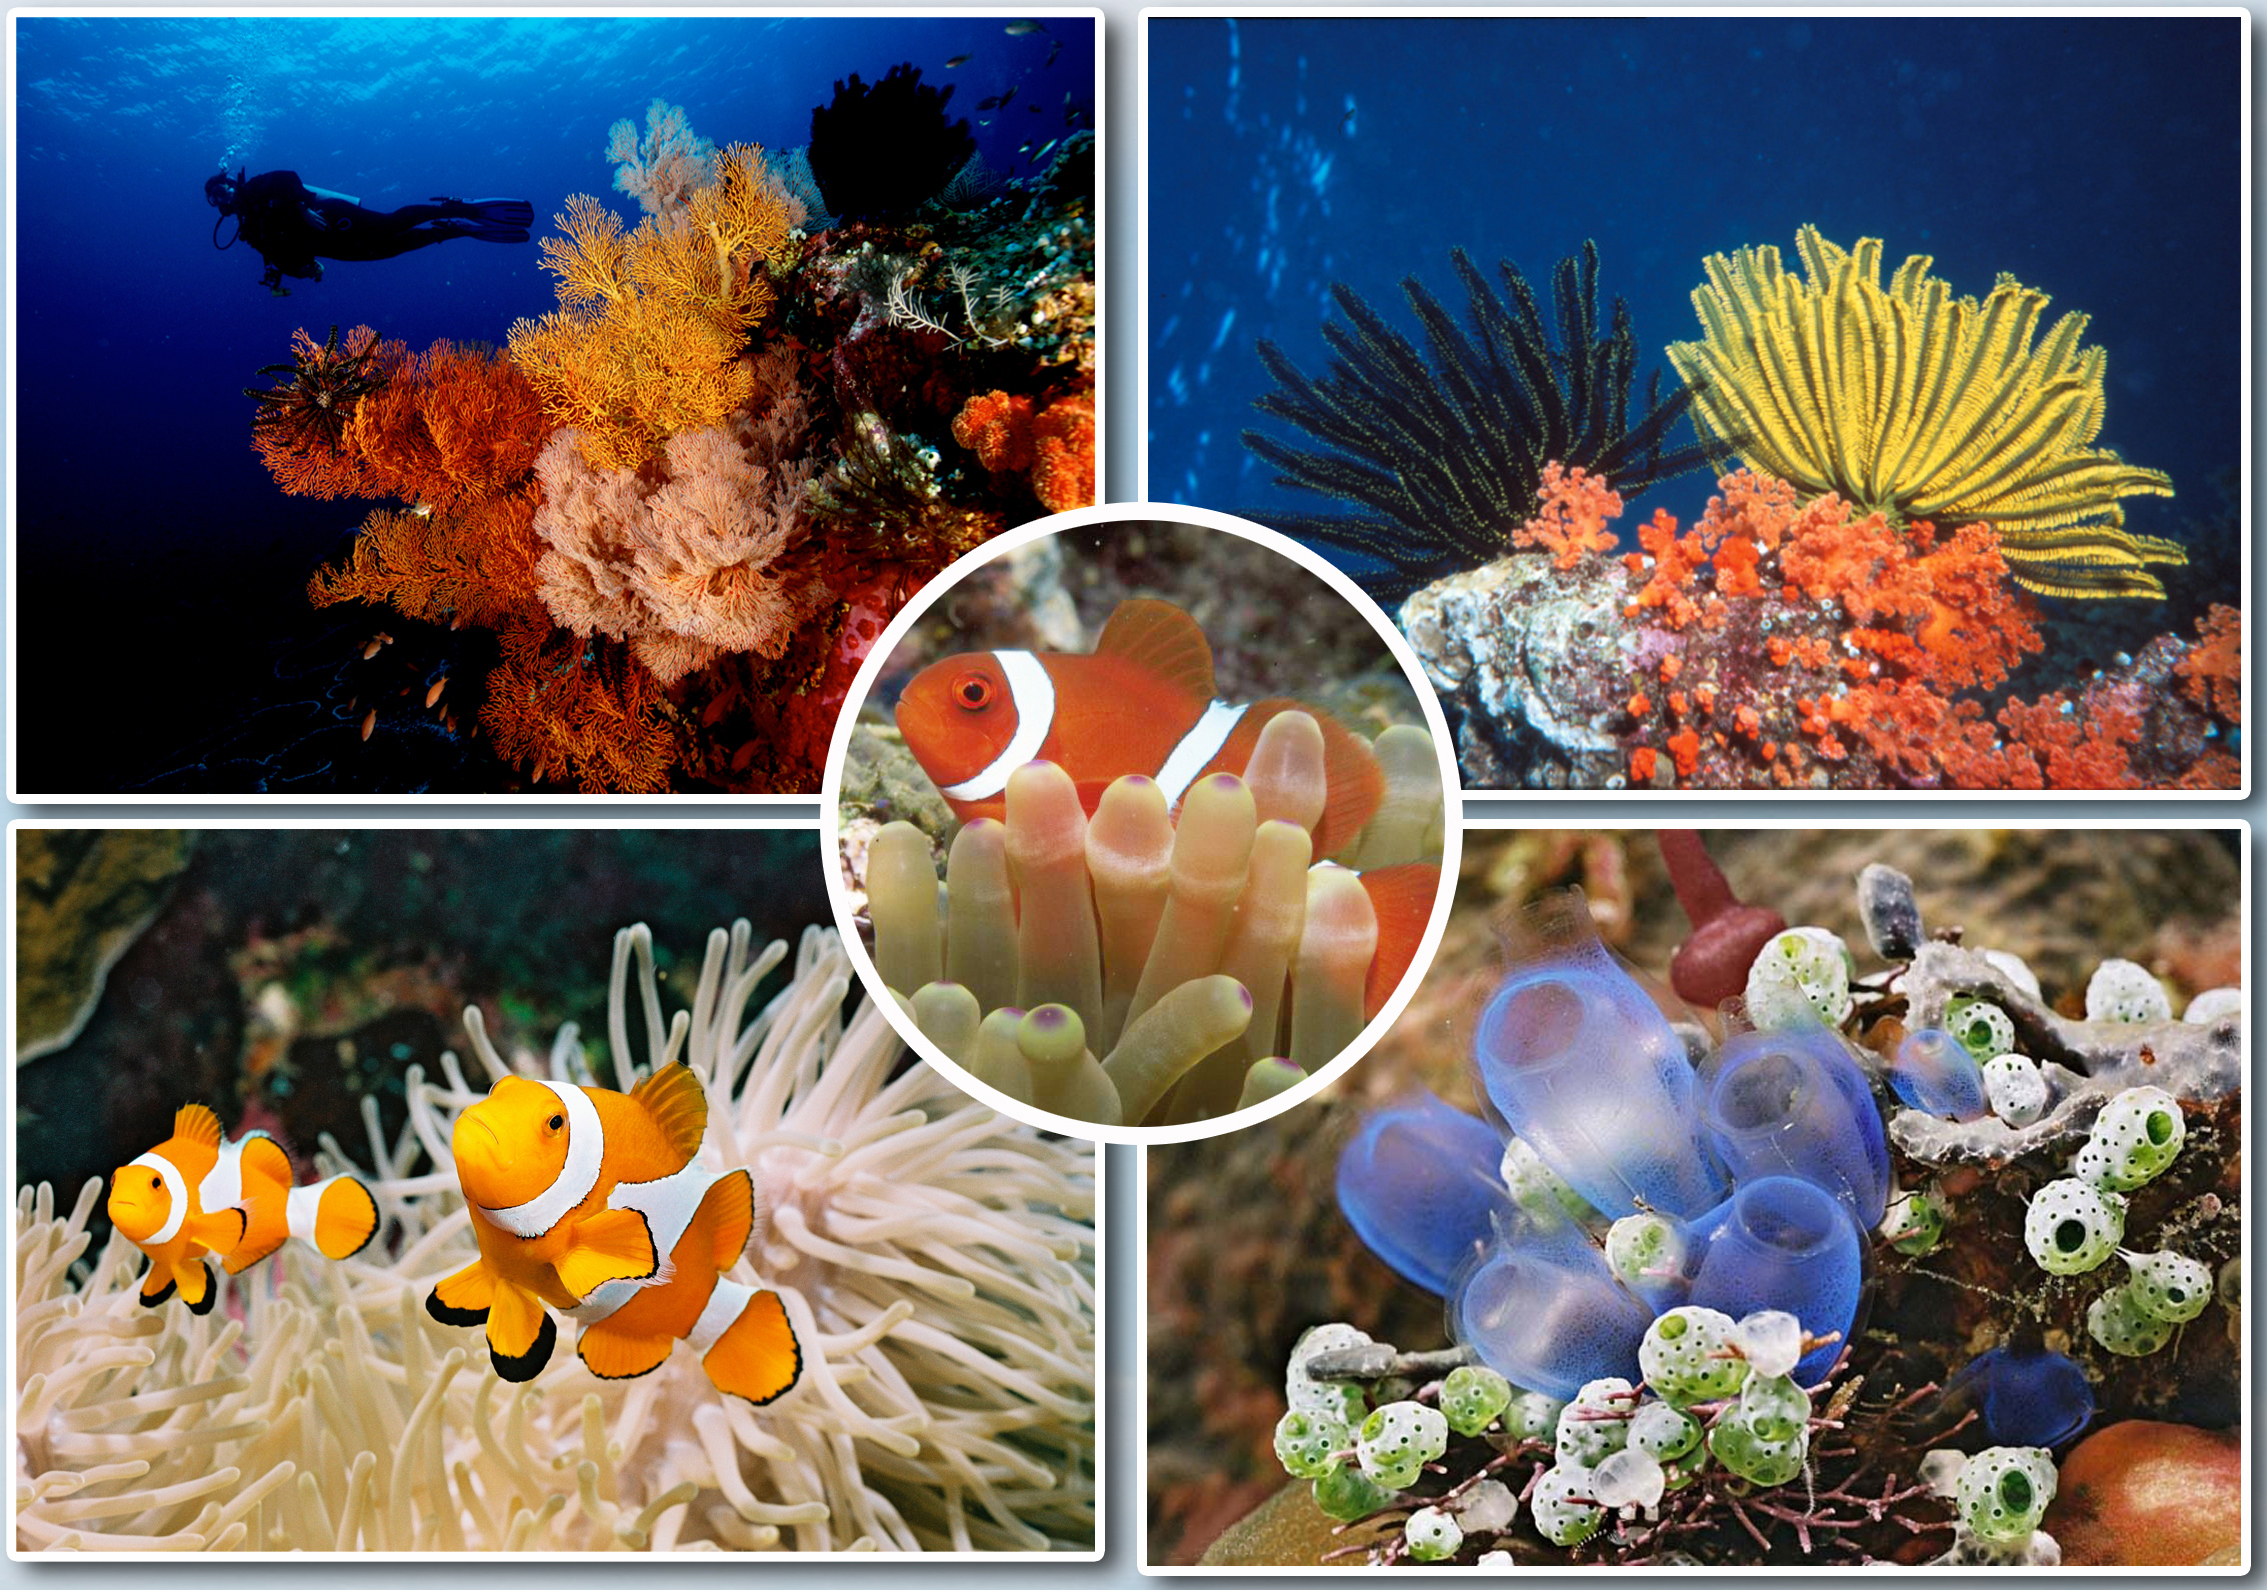 Wisata Taman Laut Bunaken Surga Bagi Ikan Terumbuh Karang Kota